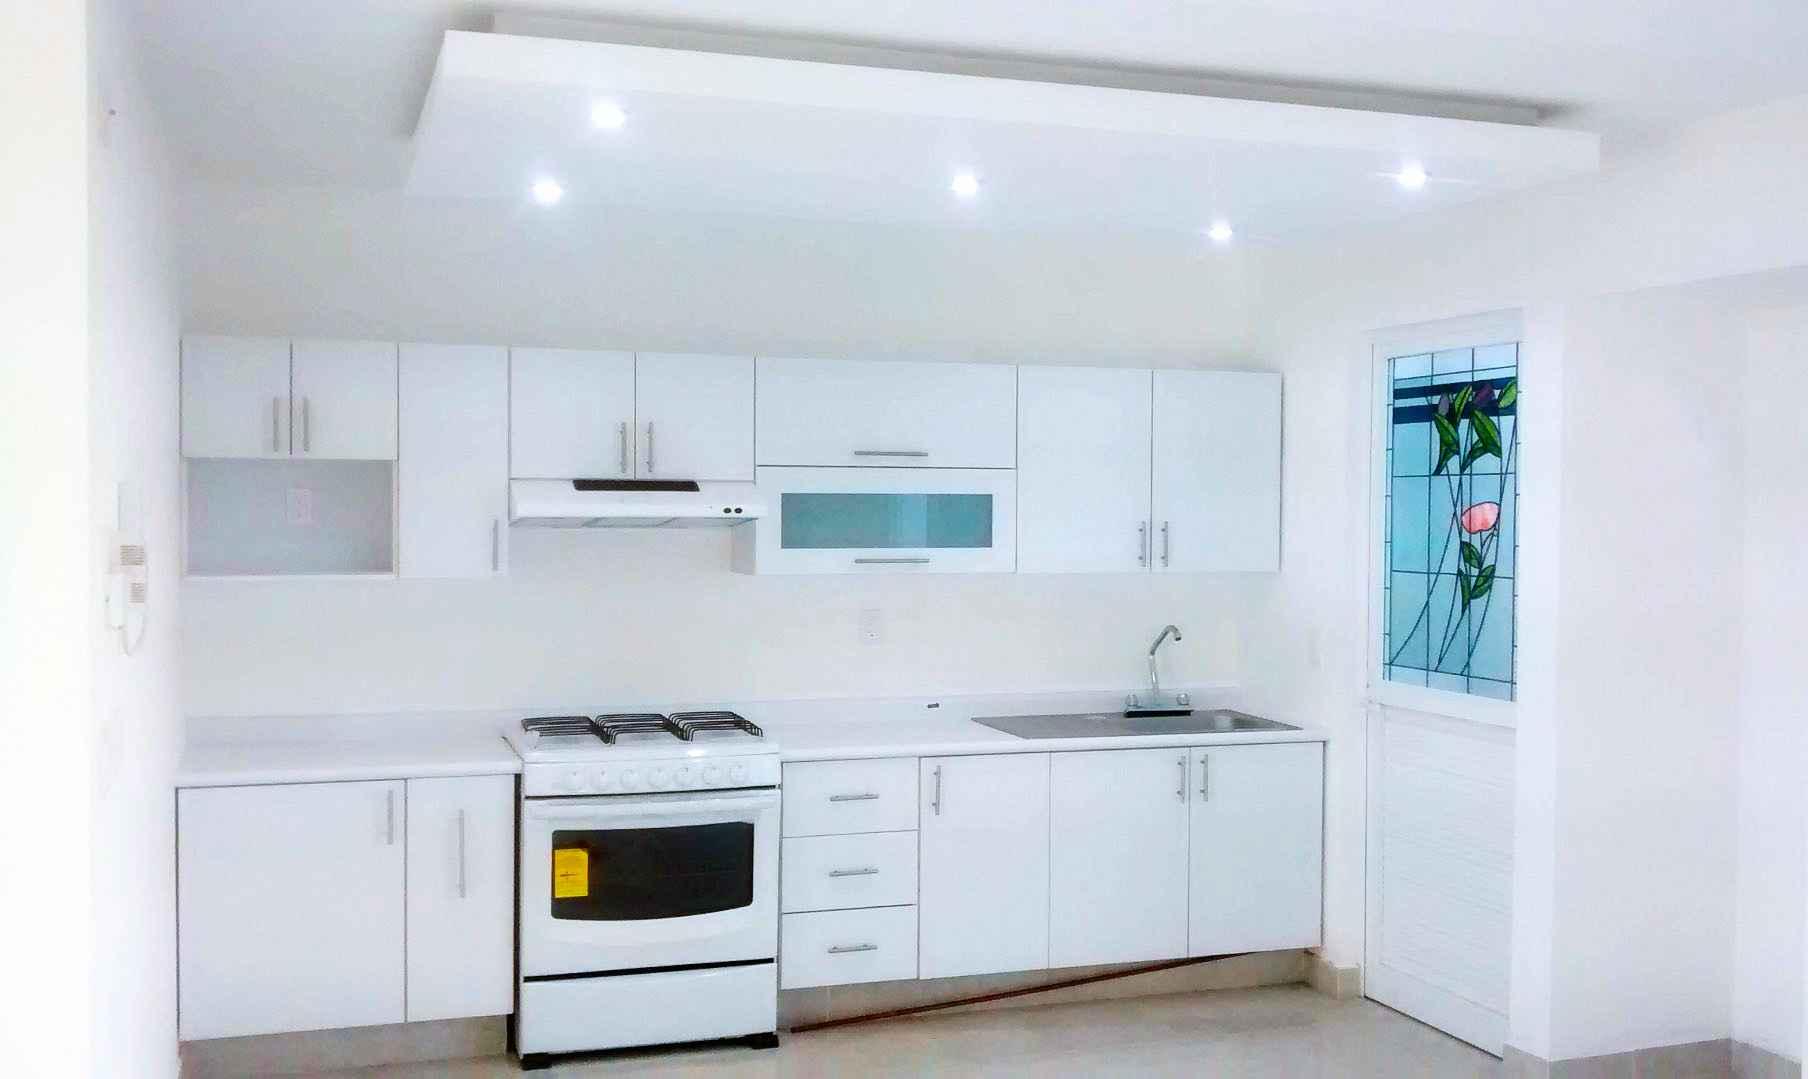 Me cocinas closets fabrica de cocinas integrales for Fabrica de cocinas integrales